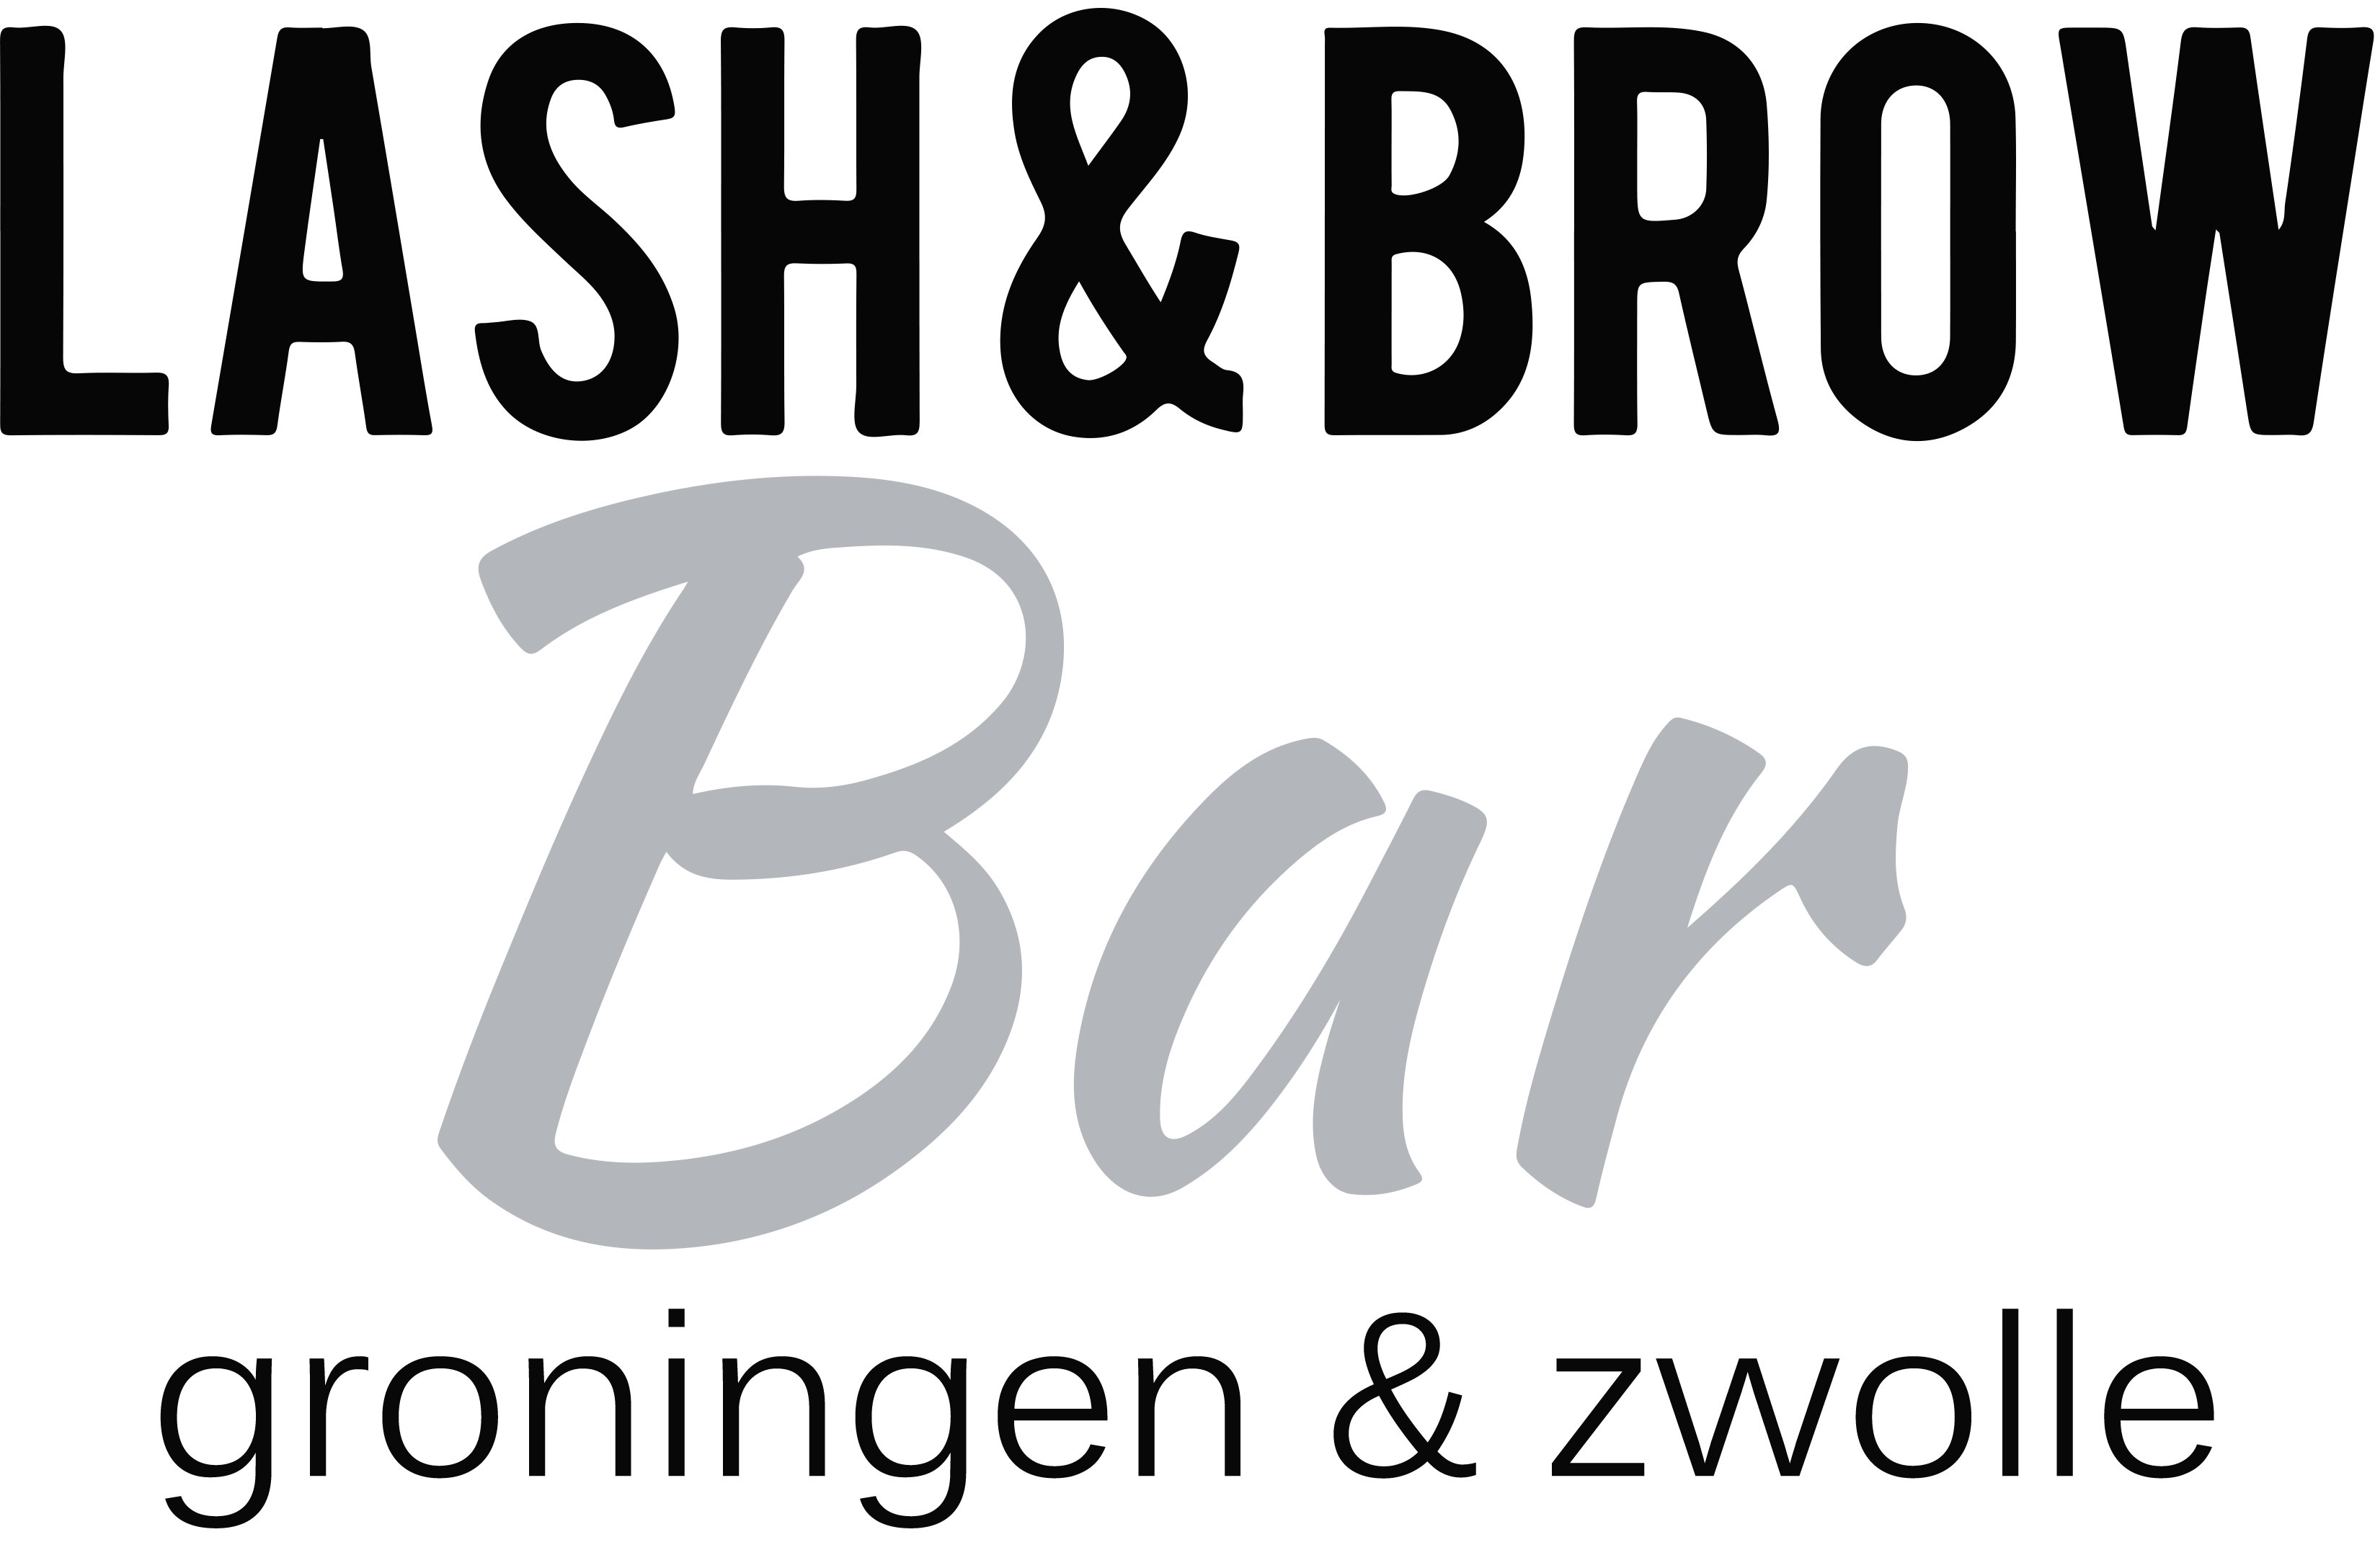 logo-LBB